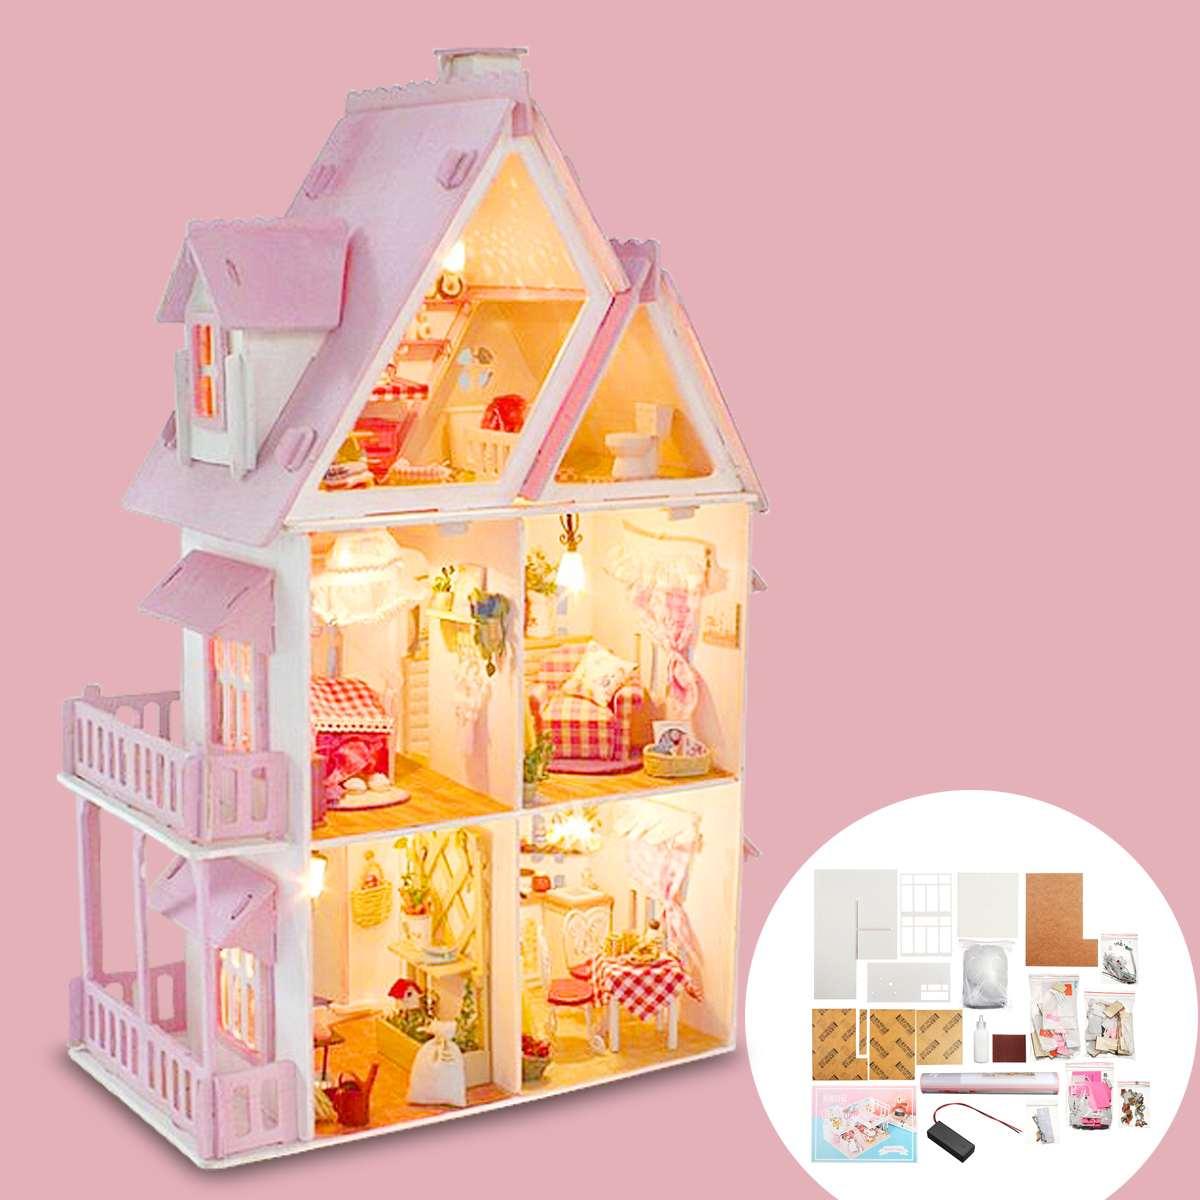 DIY drewniany miniaturowy domek dla lalek Box Handmade LED Light miniaturowe mebelki do domku dla lalek akcesoria do domu dla dzieci prezent